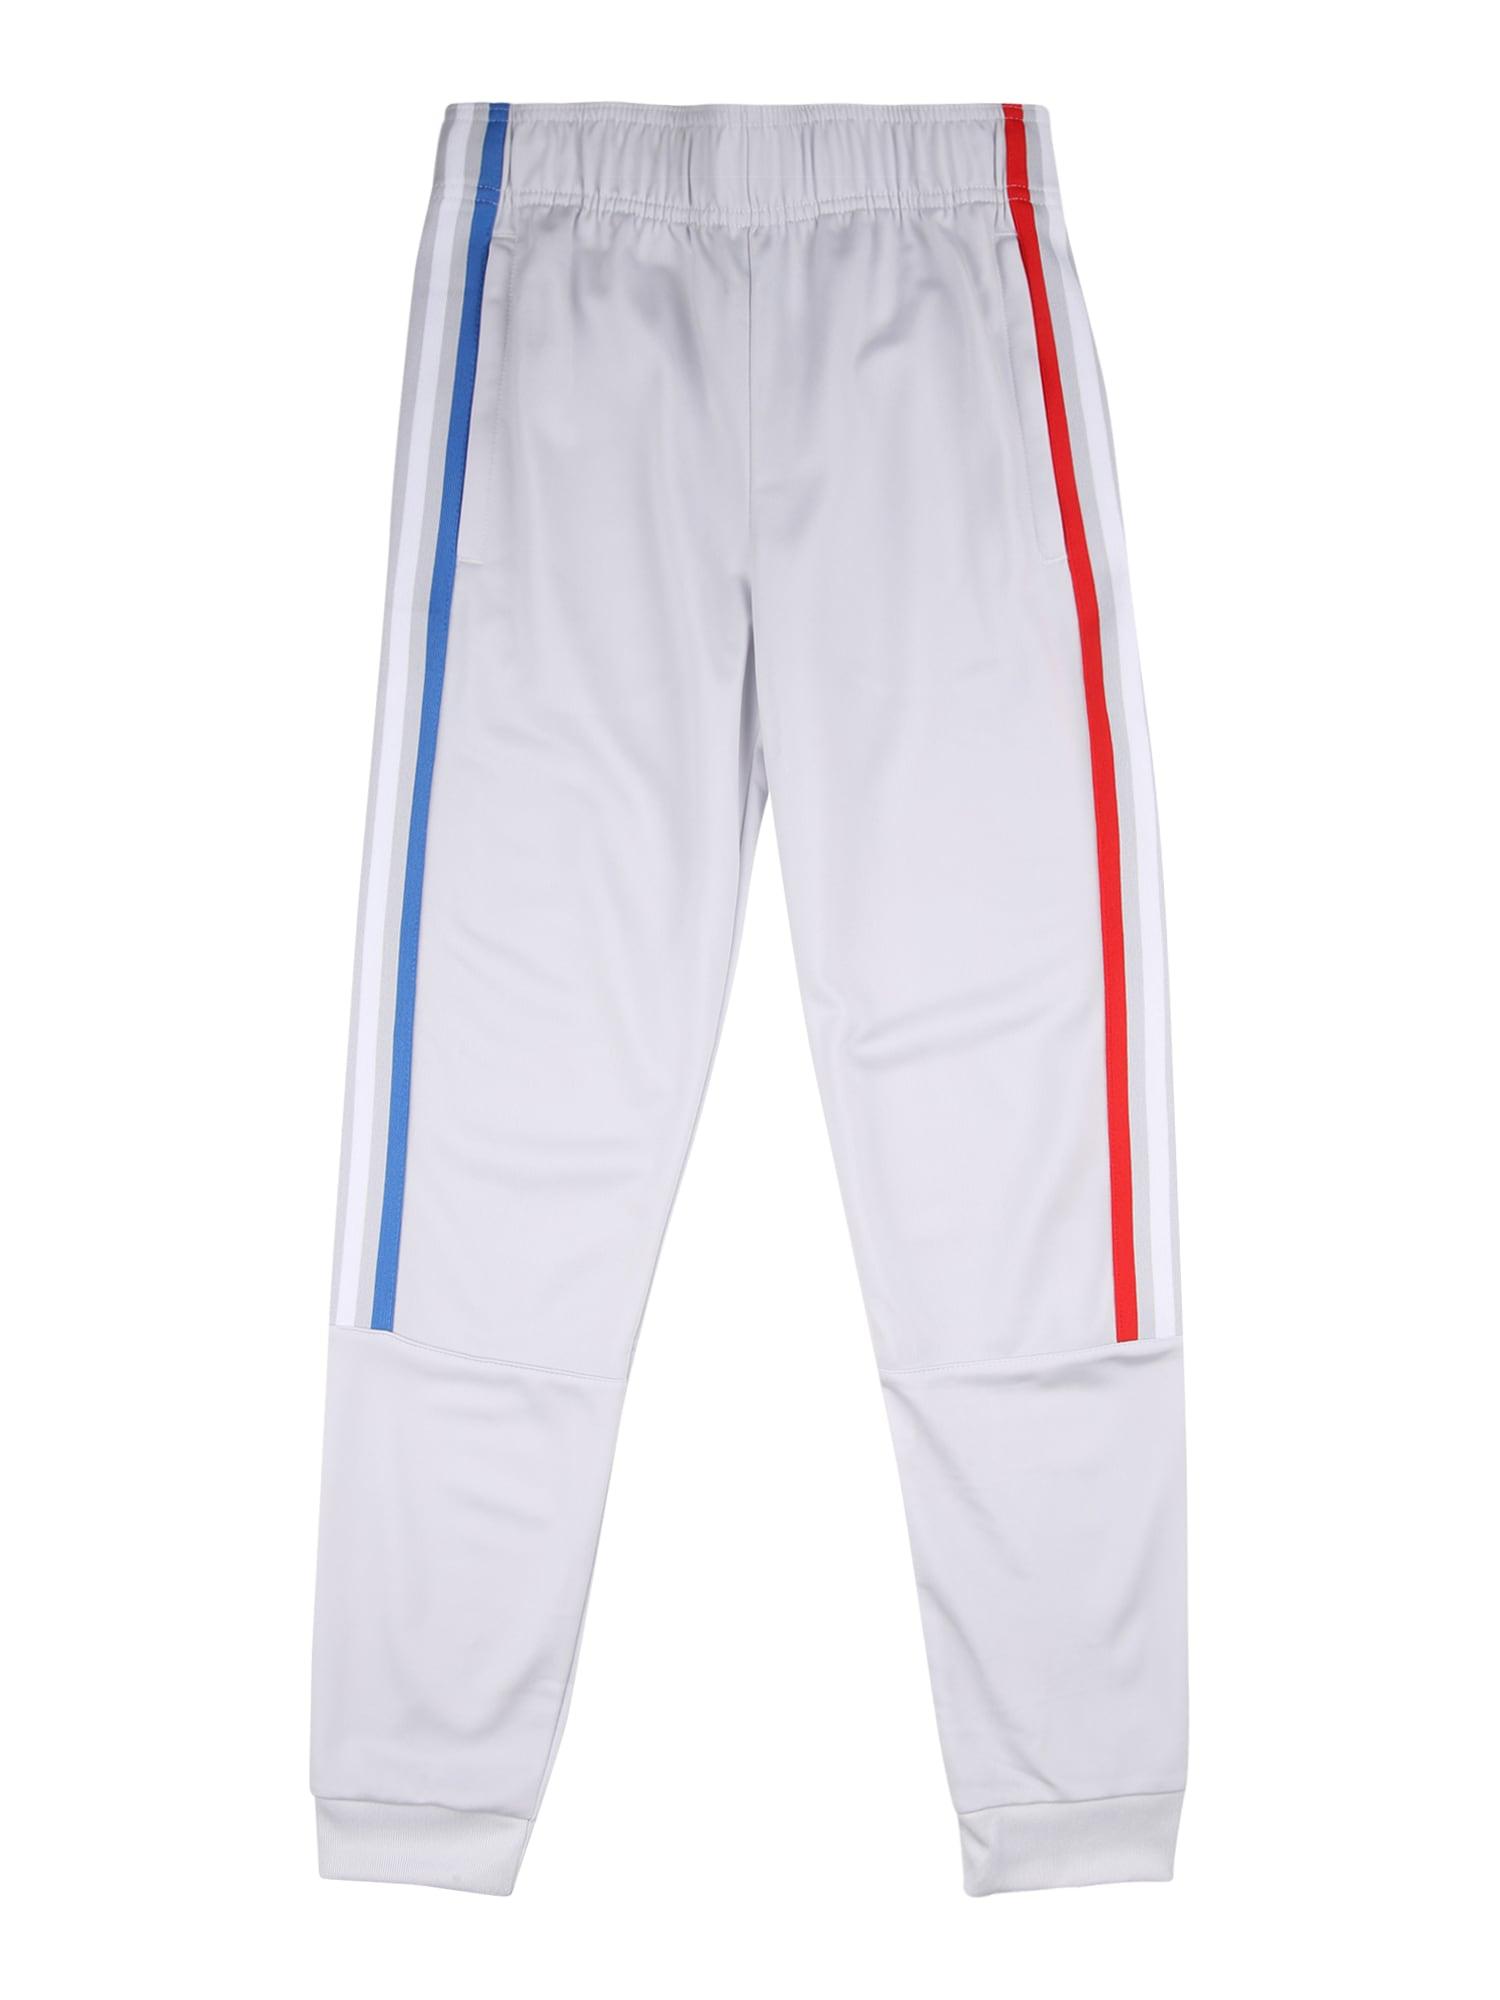 ADIDAS ORIGINALS Kalhoty  světle šedá / červená / modrá / bílá